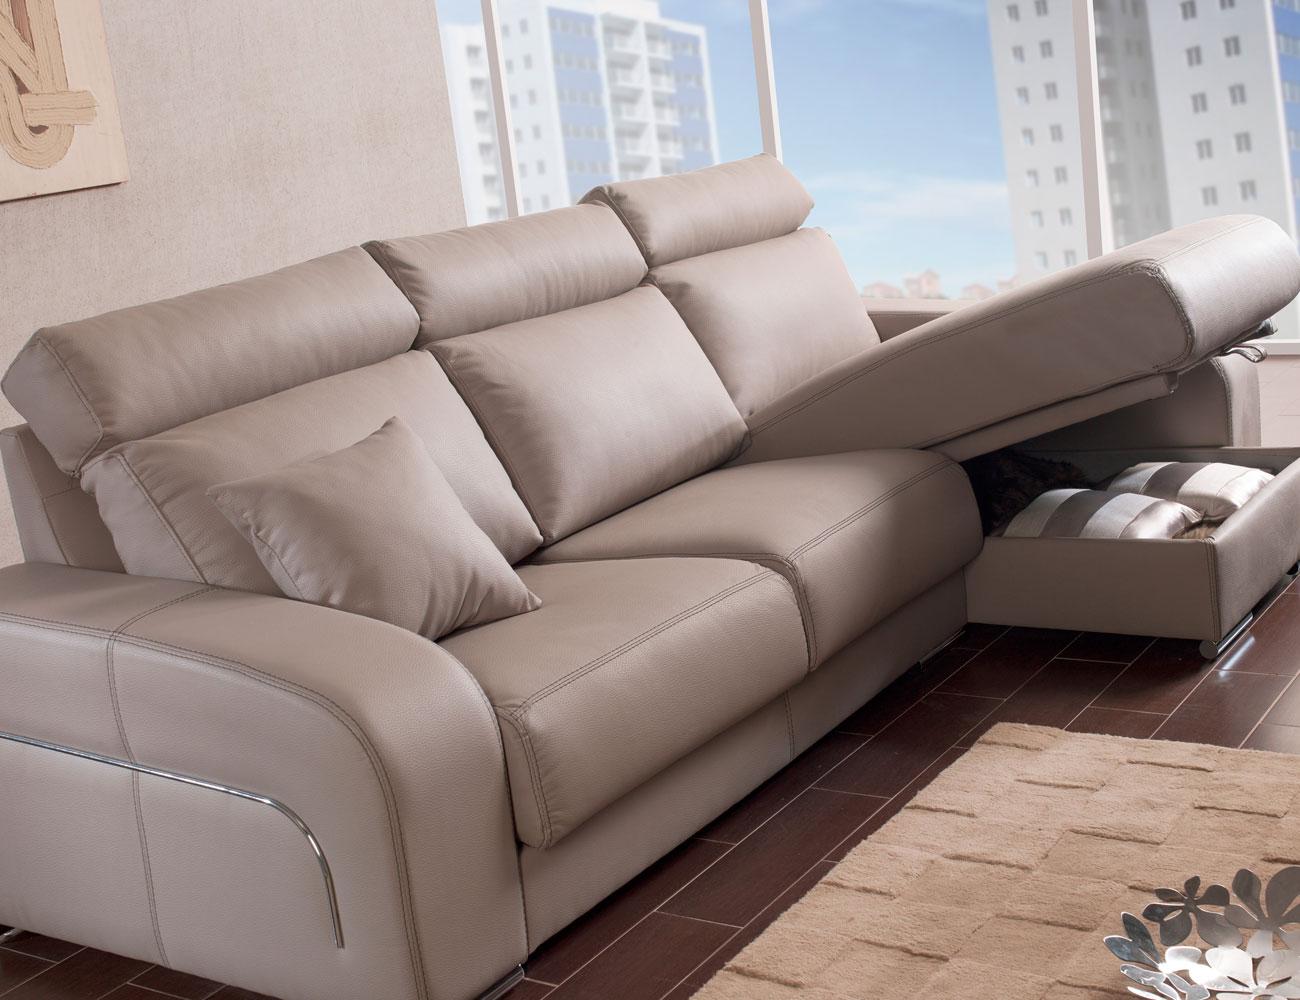 Sofa chaiselongue moderno pared cero arcon80